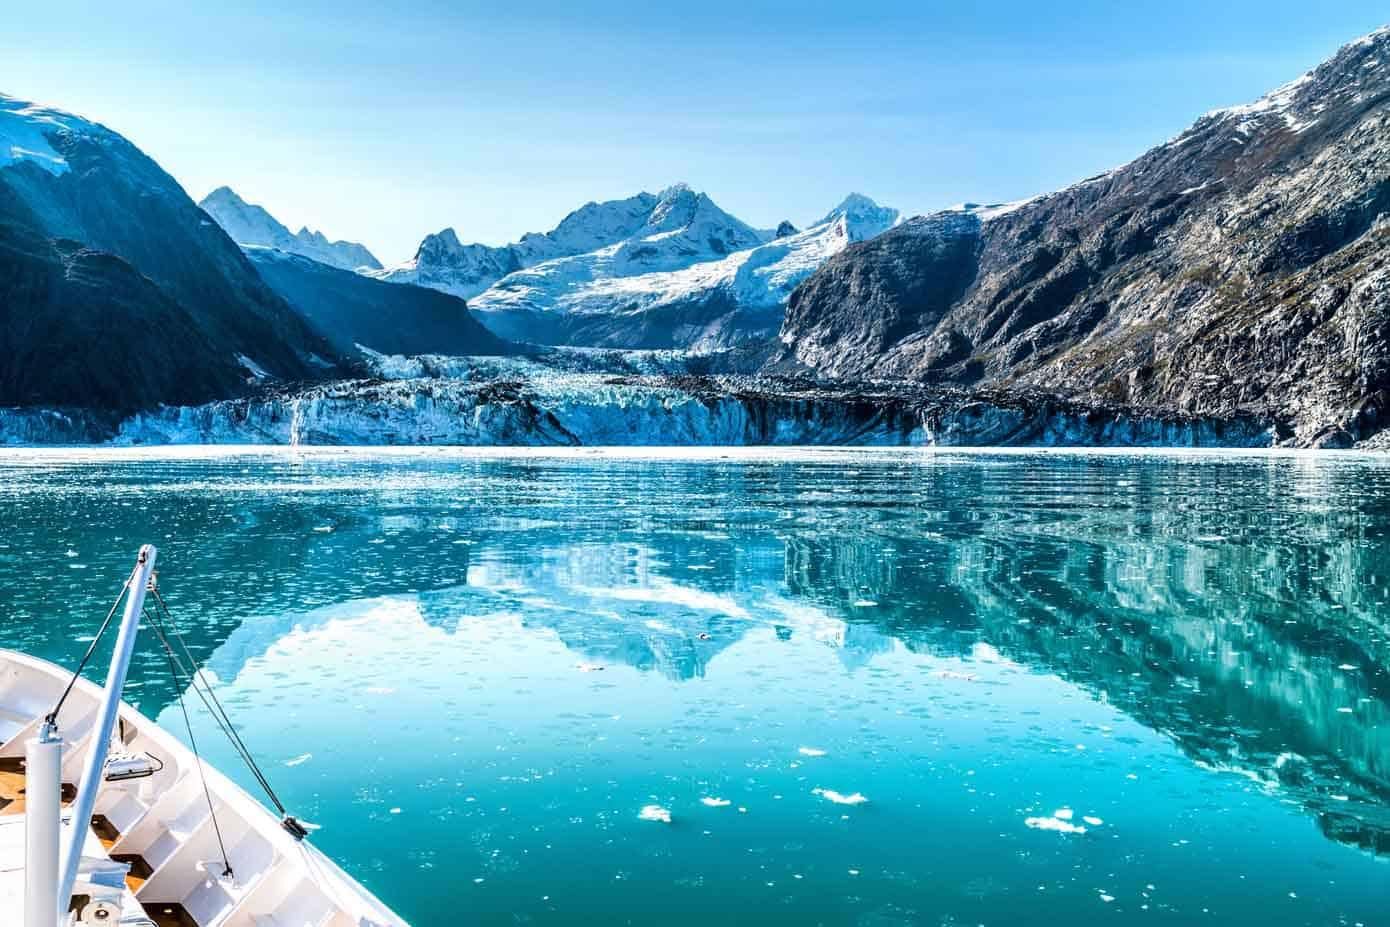 Cruise ship cruising towards glacier in Alaska.